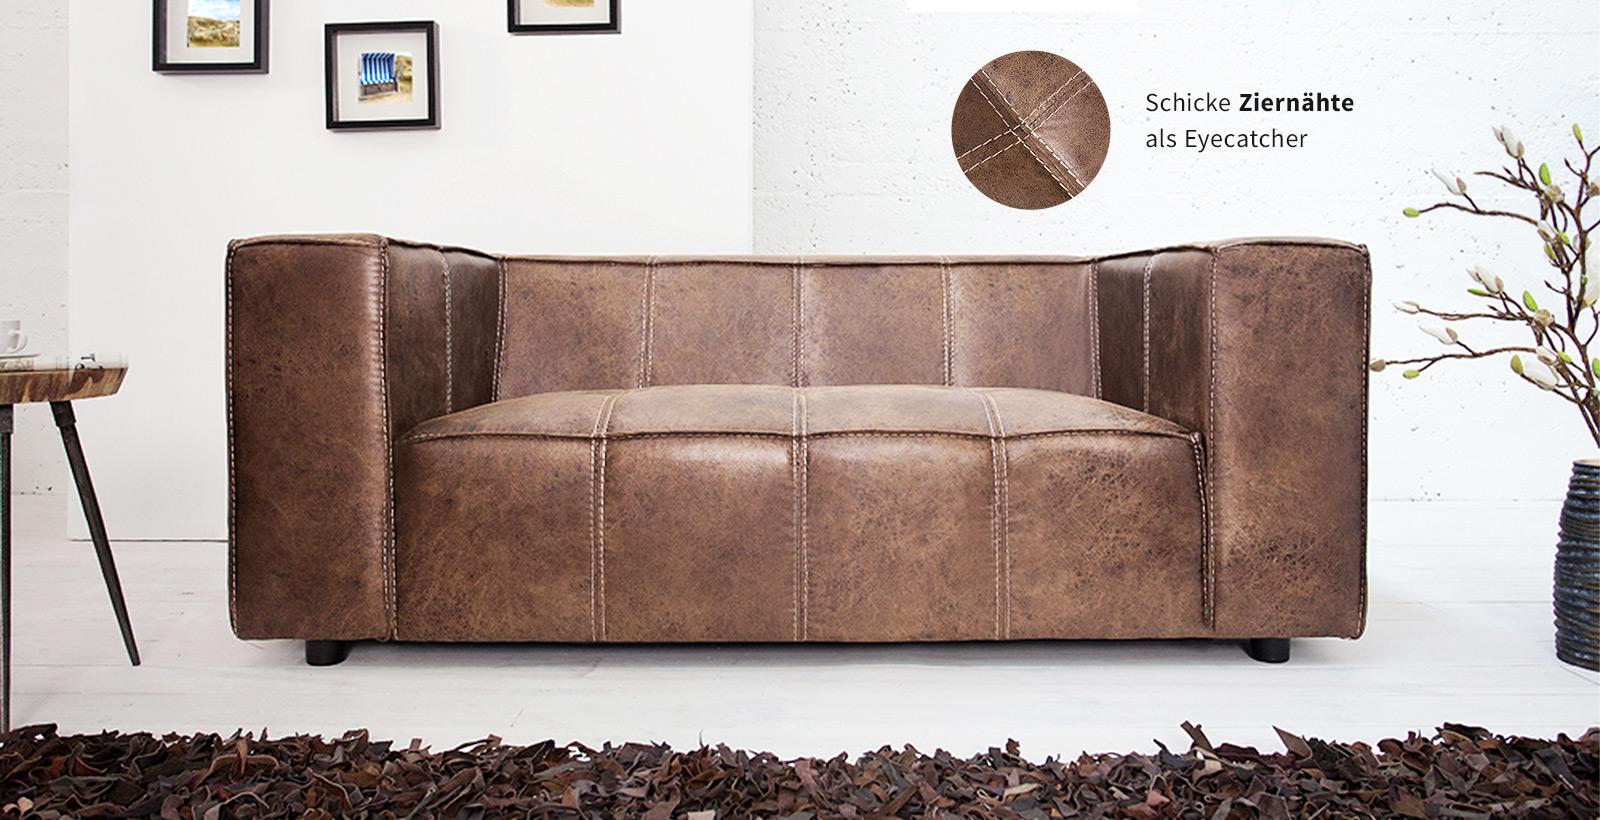 Design 2er Sofa GAUCHO in coffee mit Ziernähten